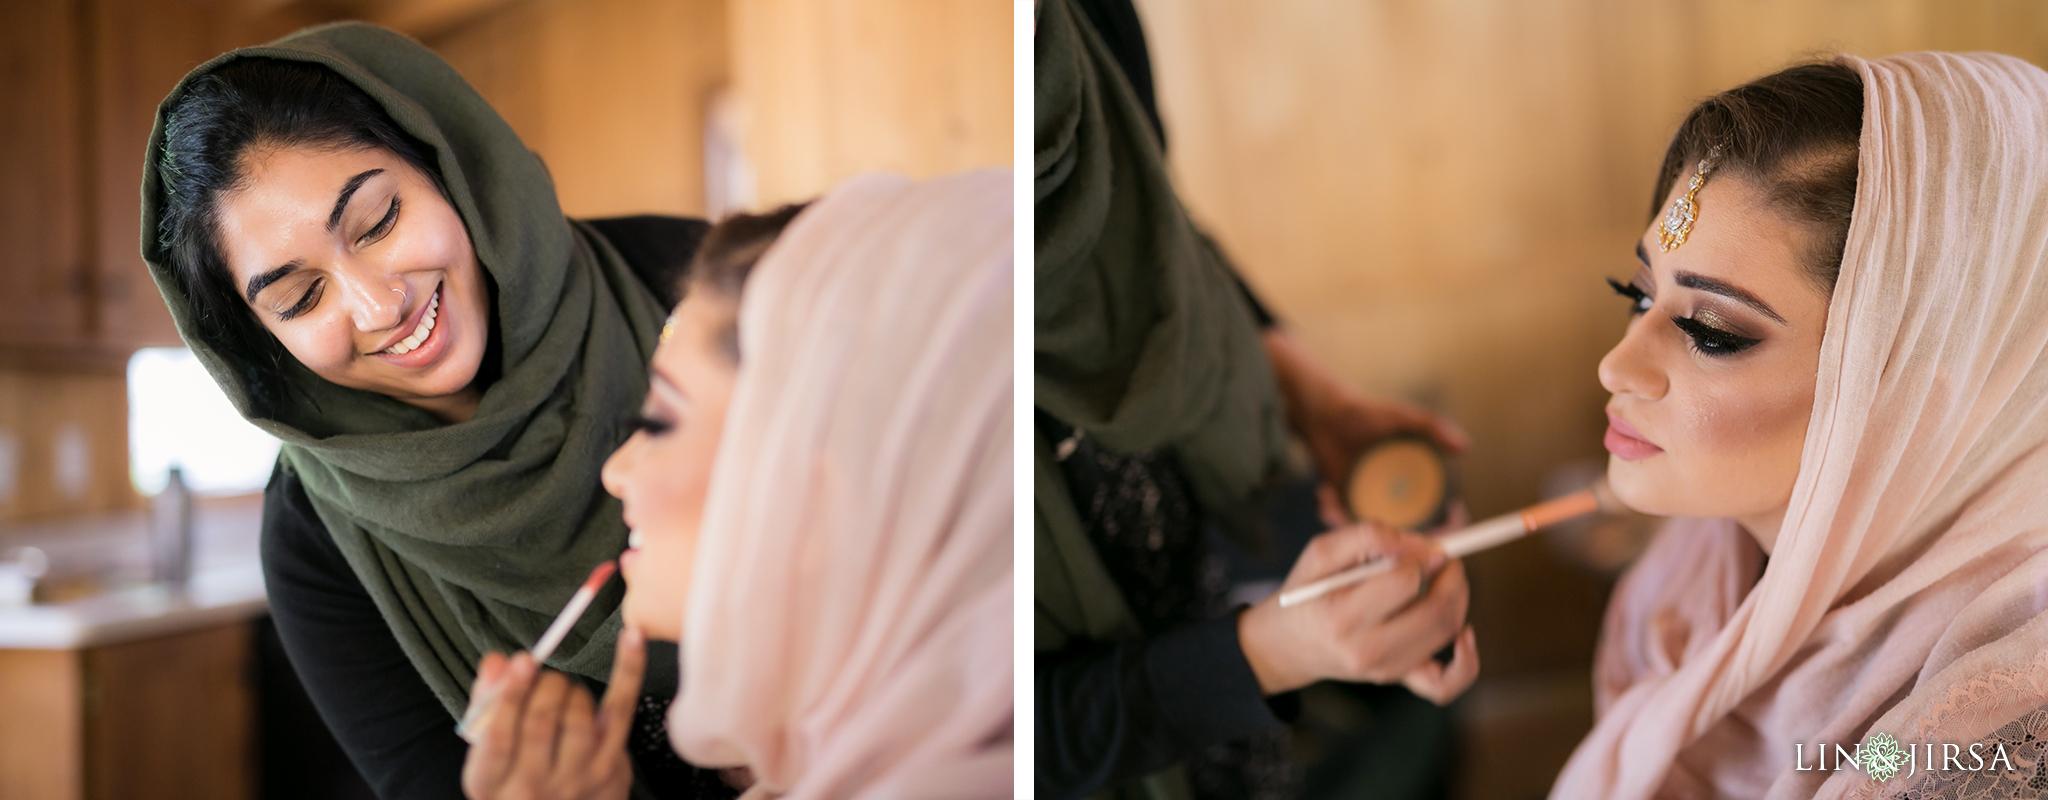 02-calamigos-ranch-muslim-wedding-photography